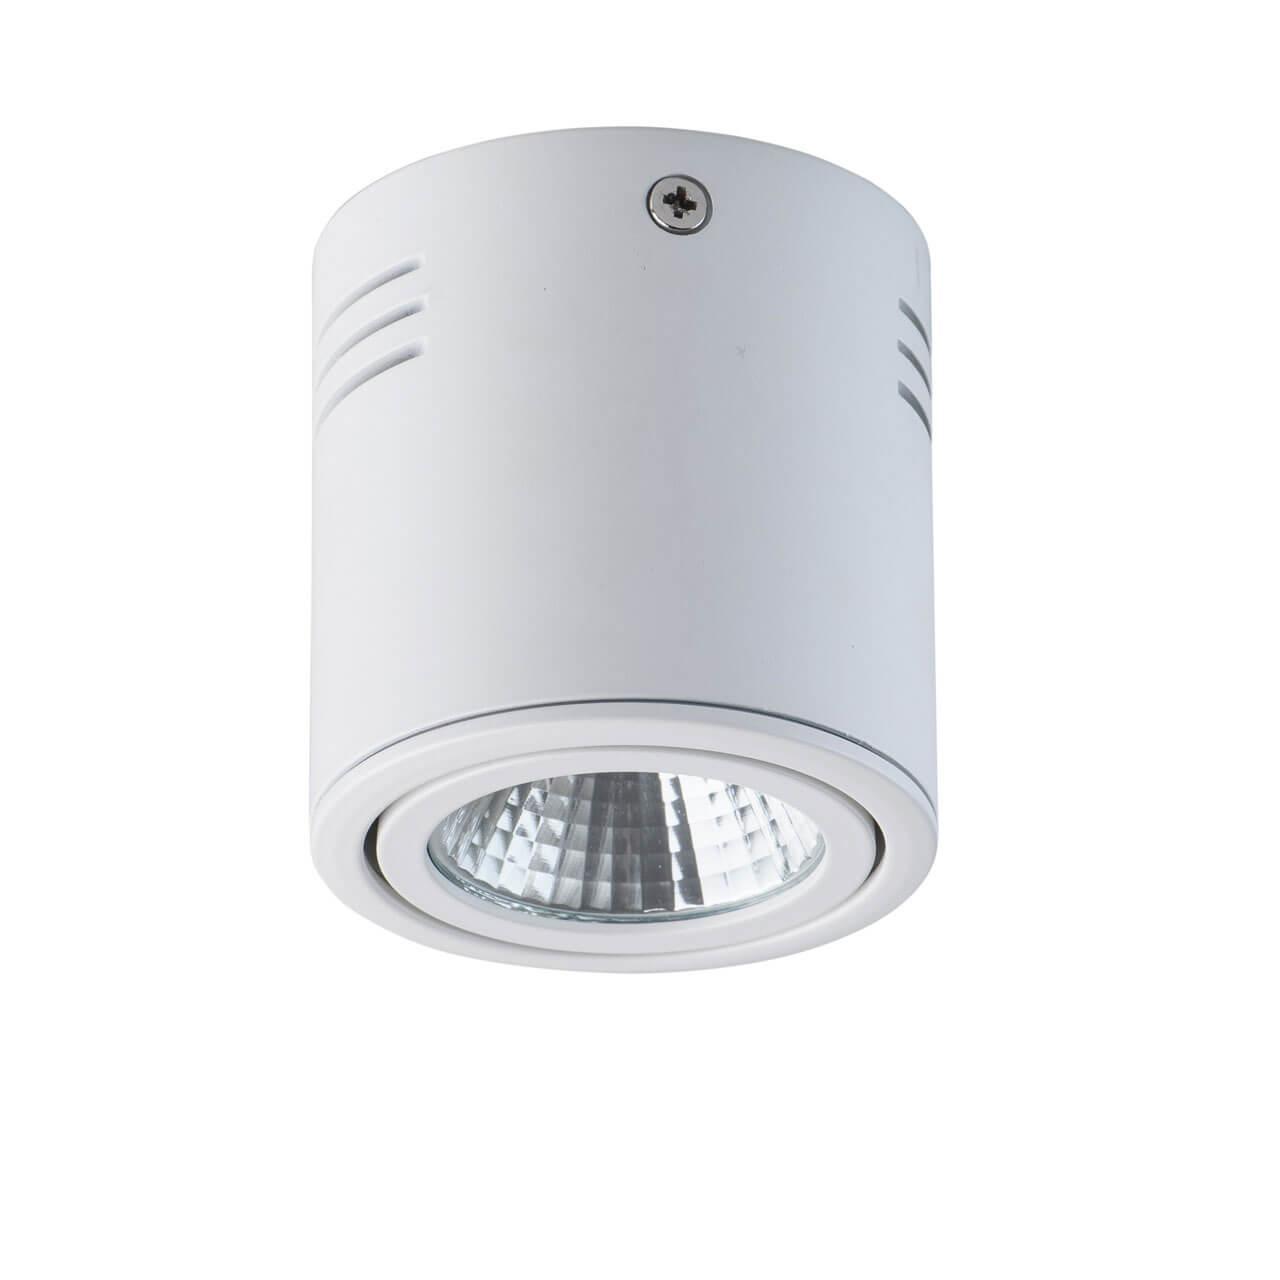 Потолочный светильник De Markt 637014101, белый цена